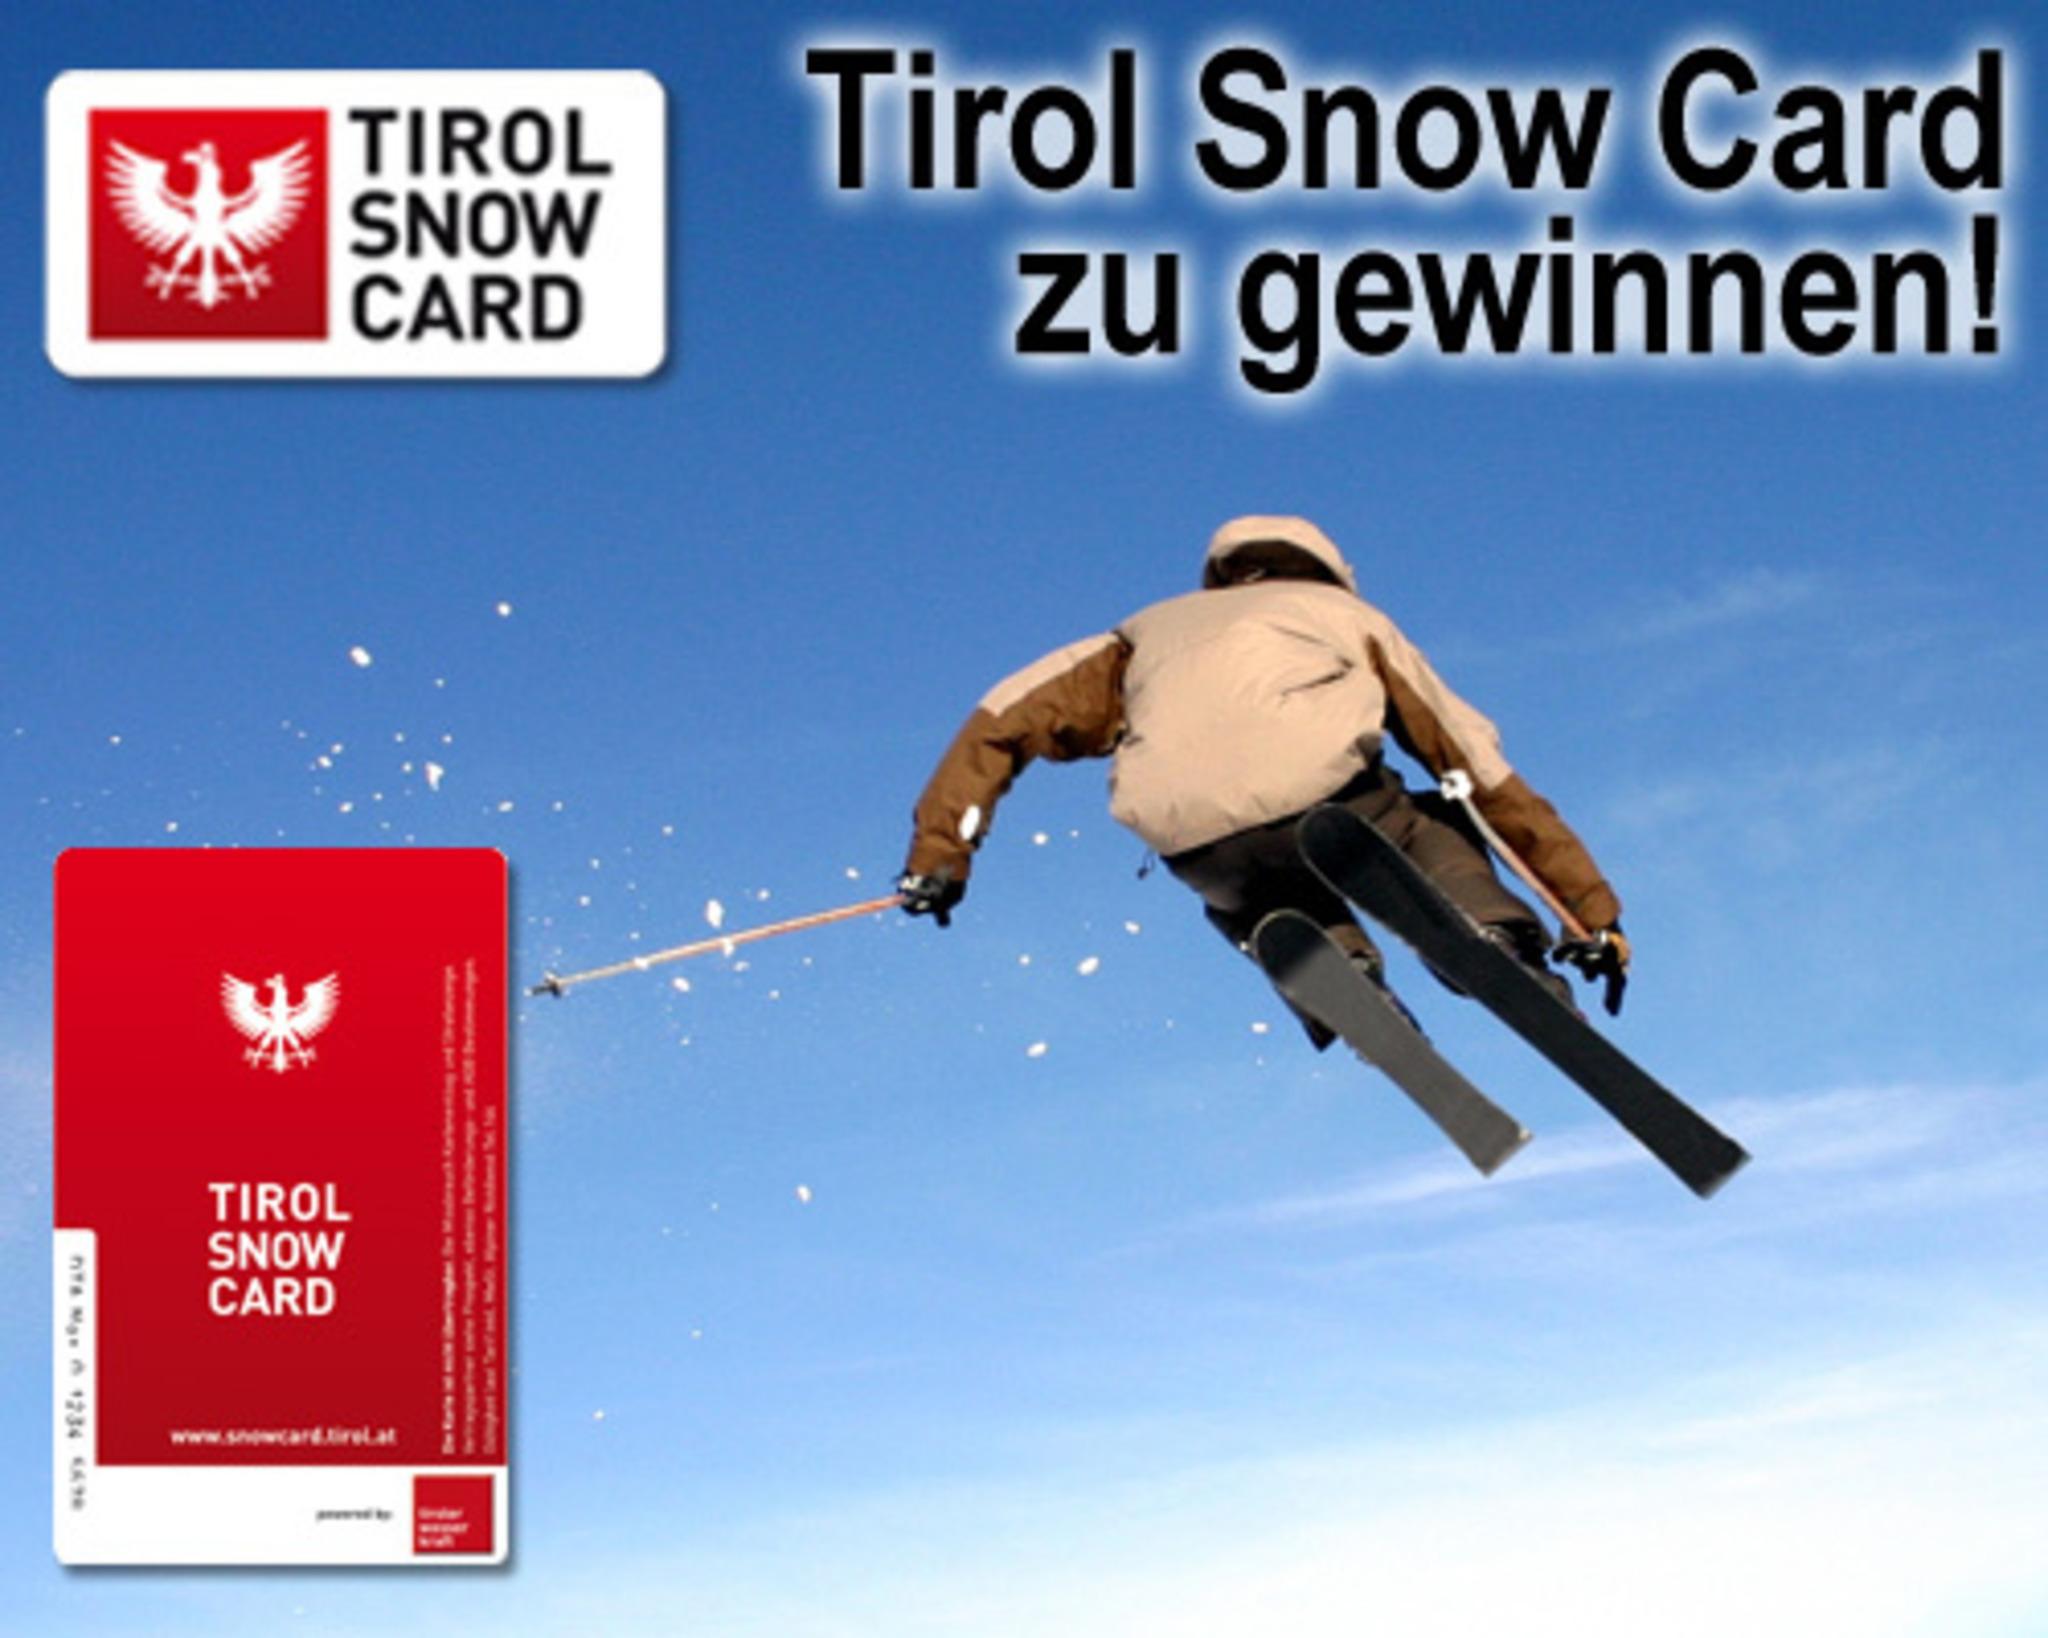 TIROL SNOW CARD GEWINNSPIEL